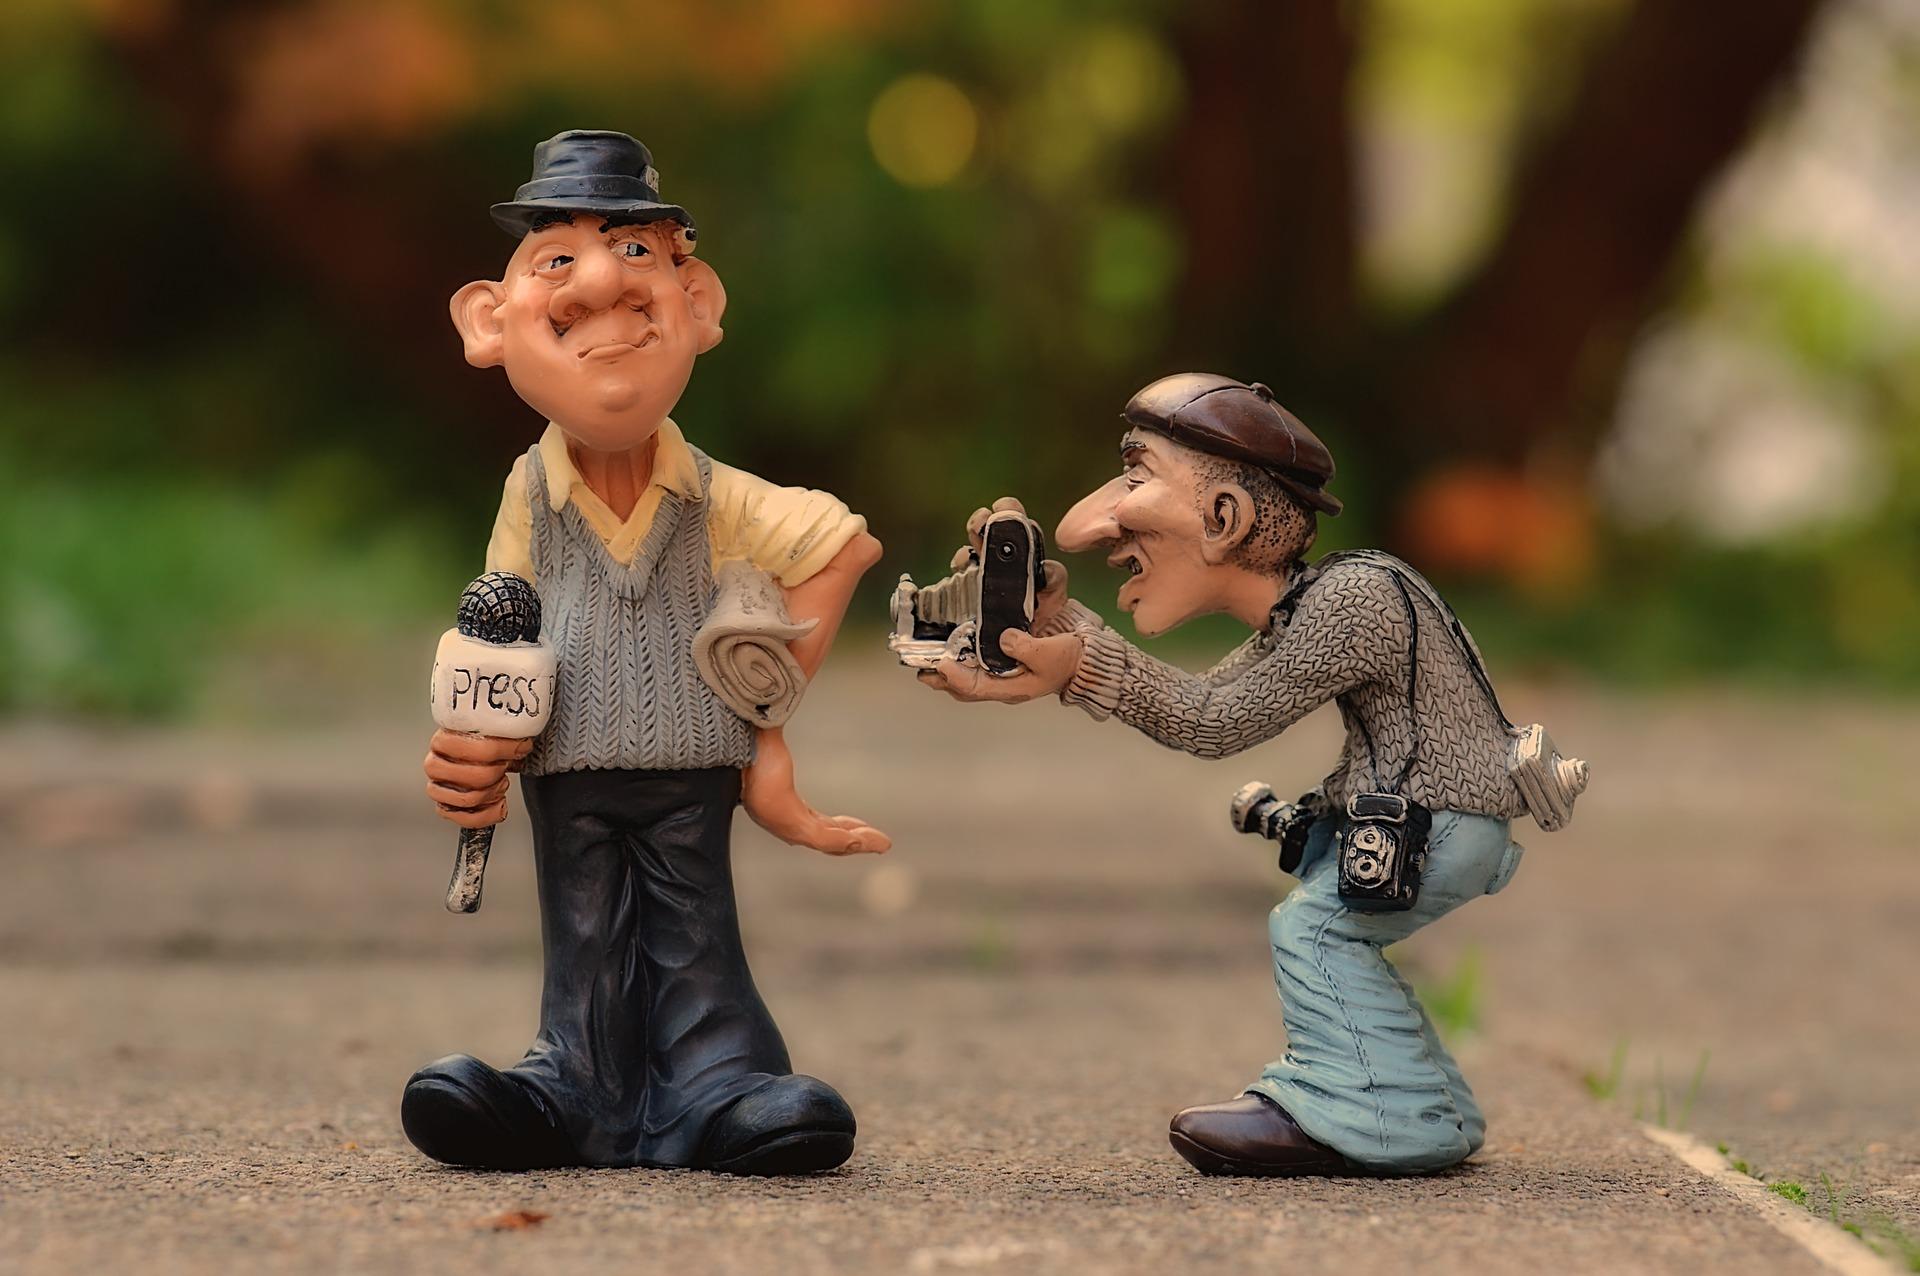 Zwei lustige Gummifiguren, ein Fotograf und ein Journalist